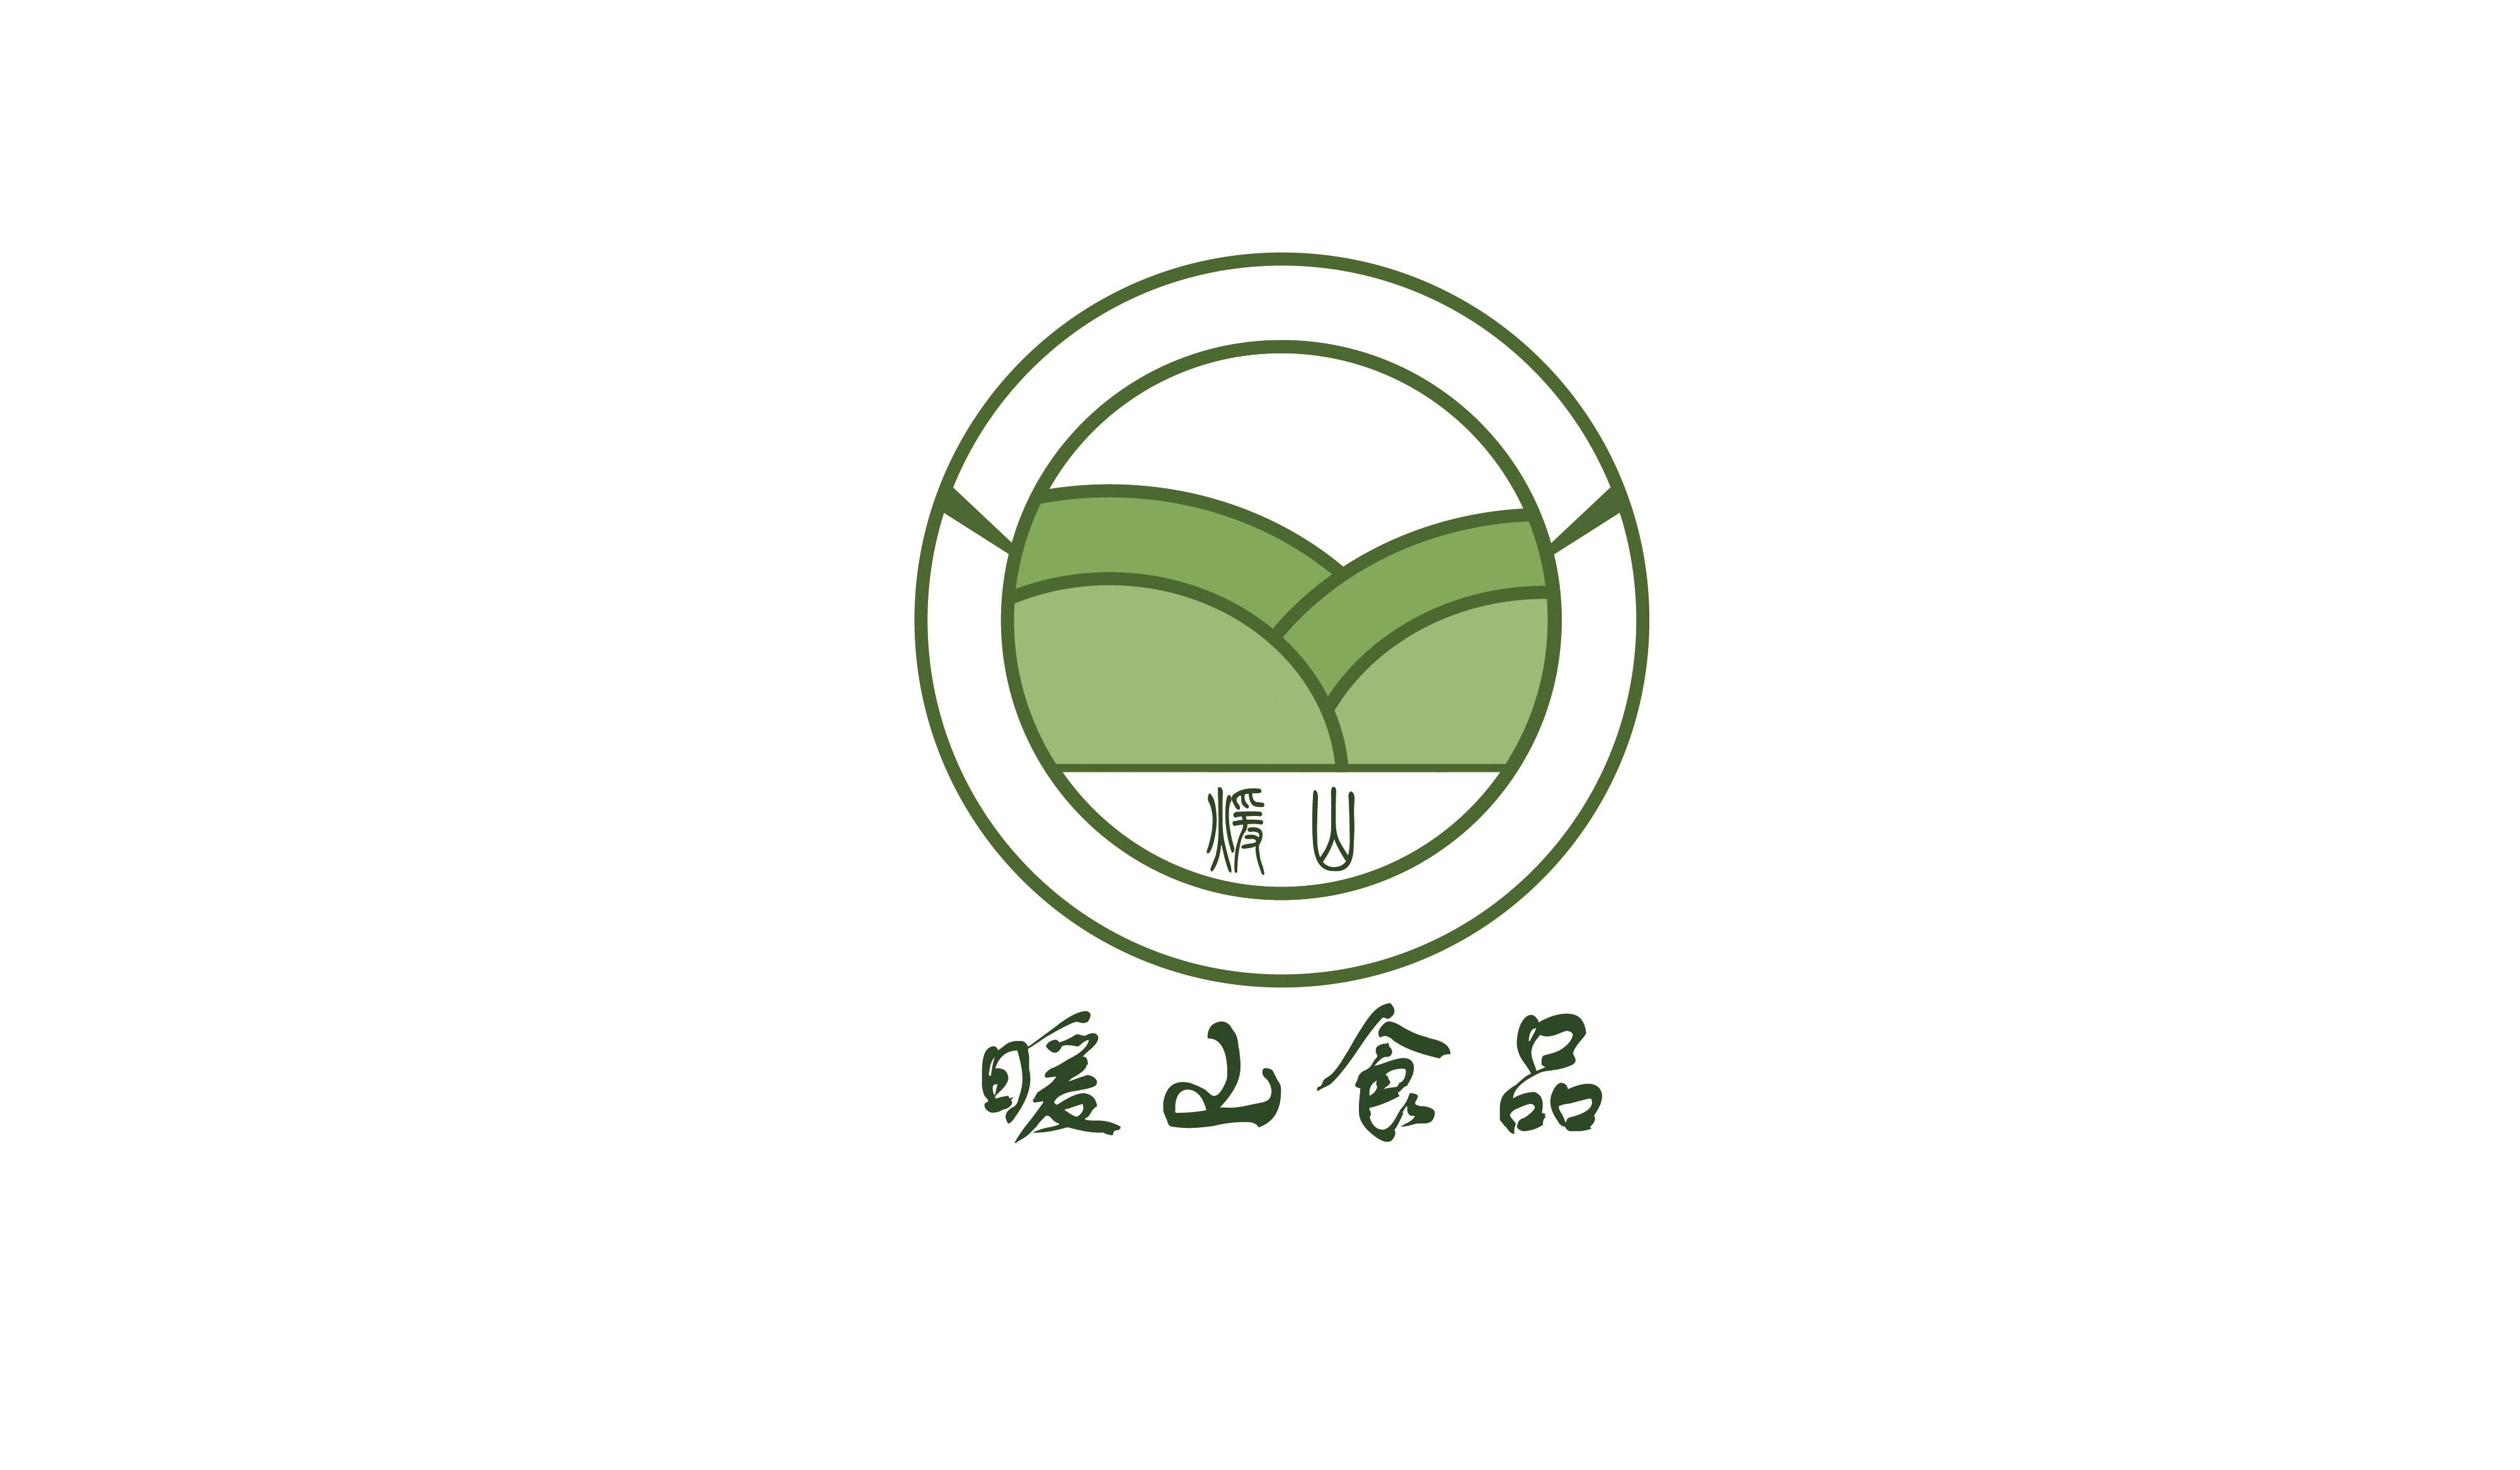 有机产品品牌logo设计